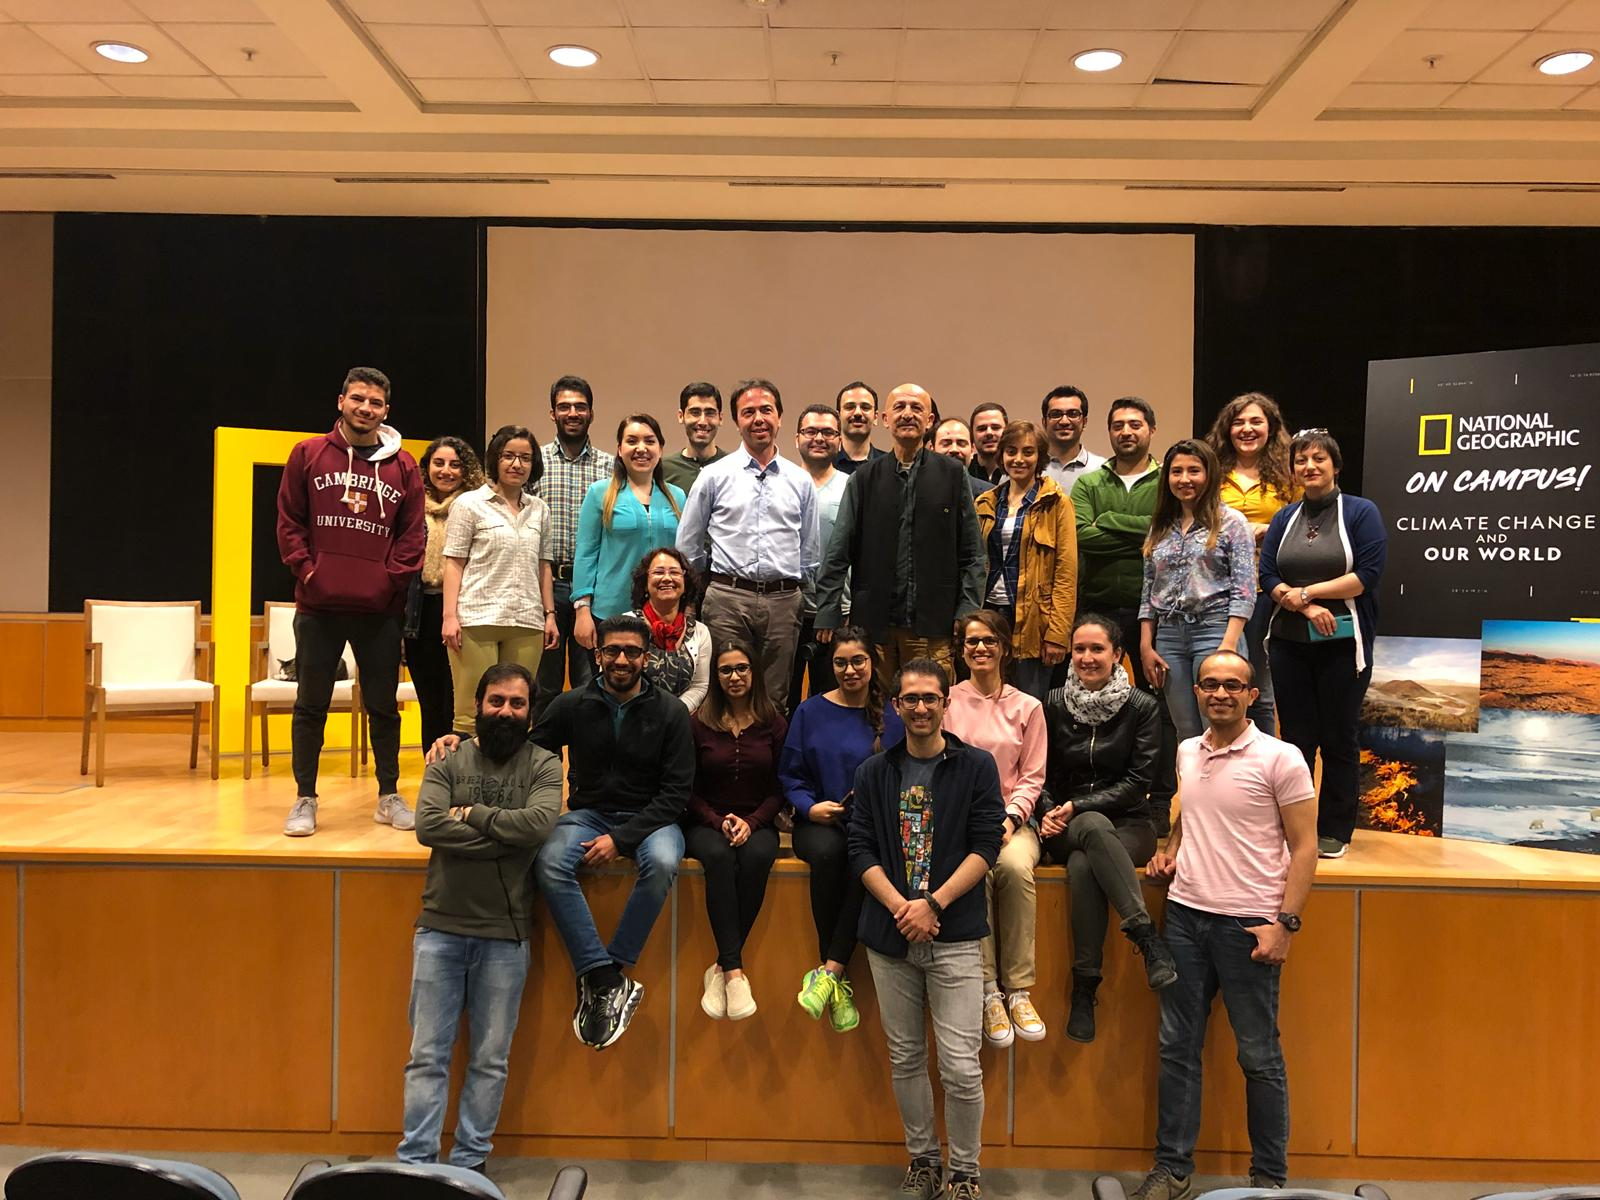 """İlk """"National Geographic on Campus"""" etkinliği, İPM işbirliğiyle Sabancı Üniversitesi'nde yapıldı"""